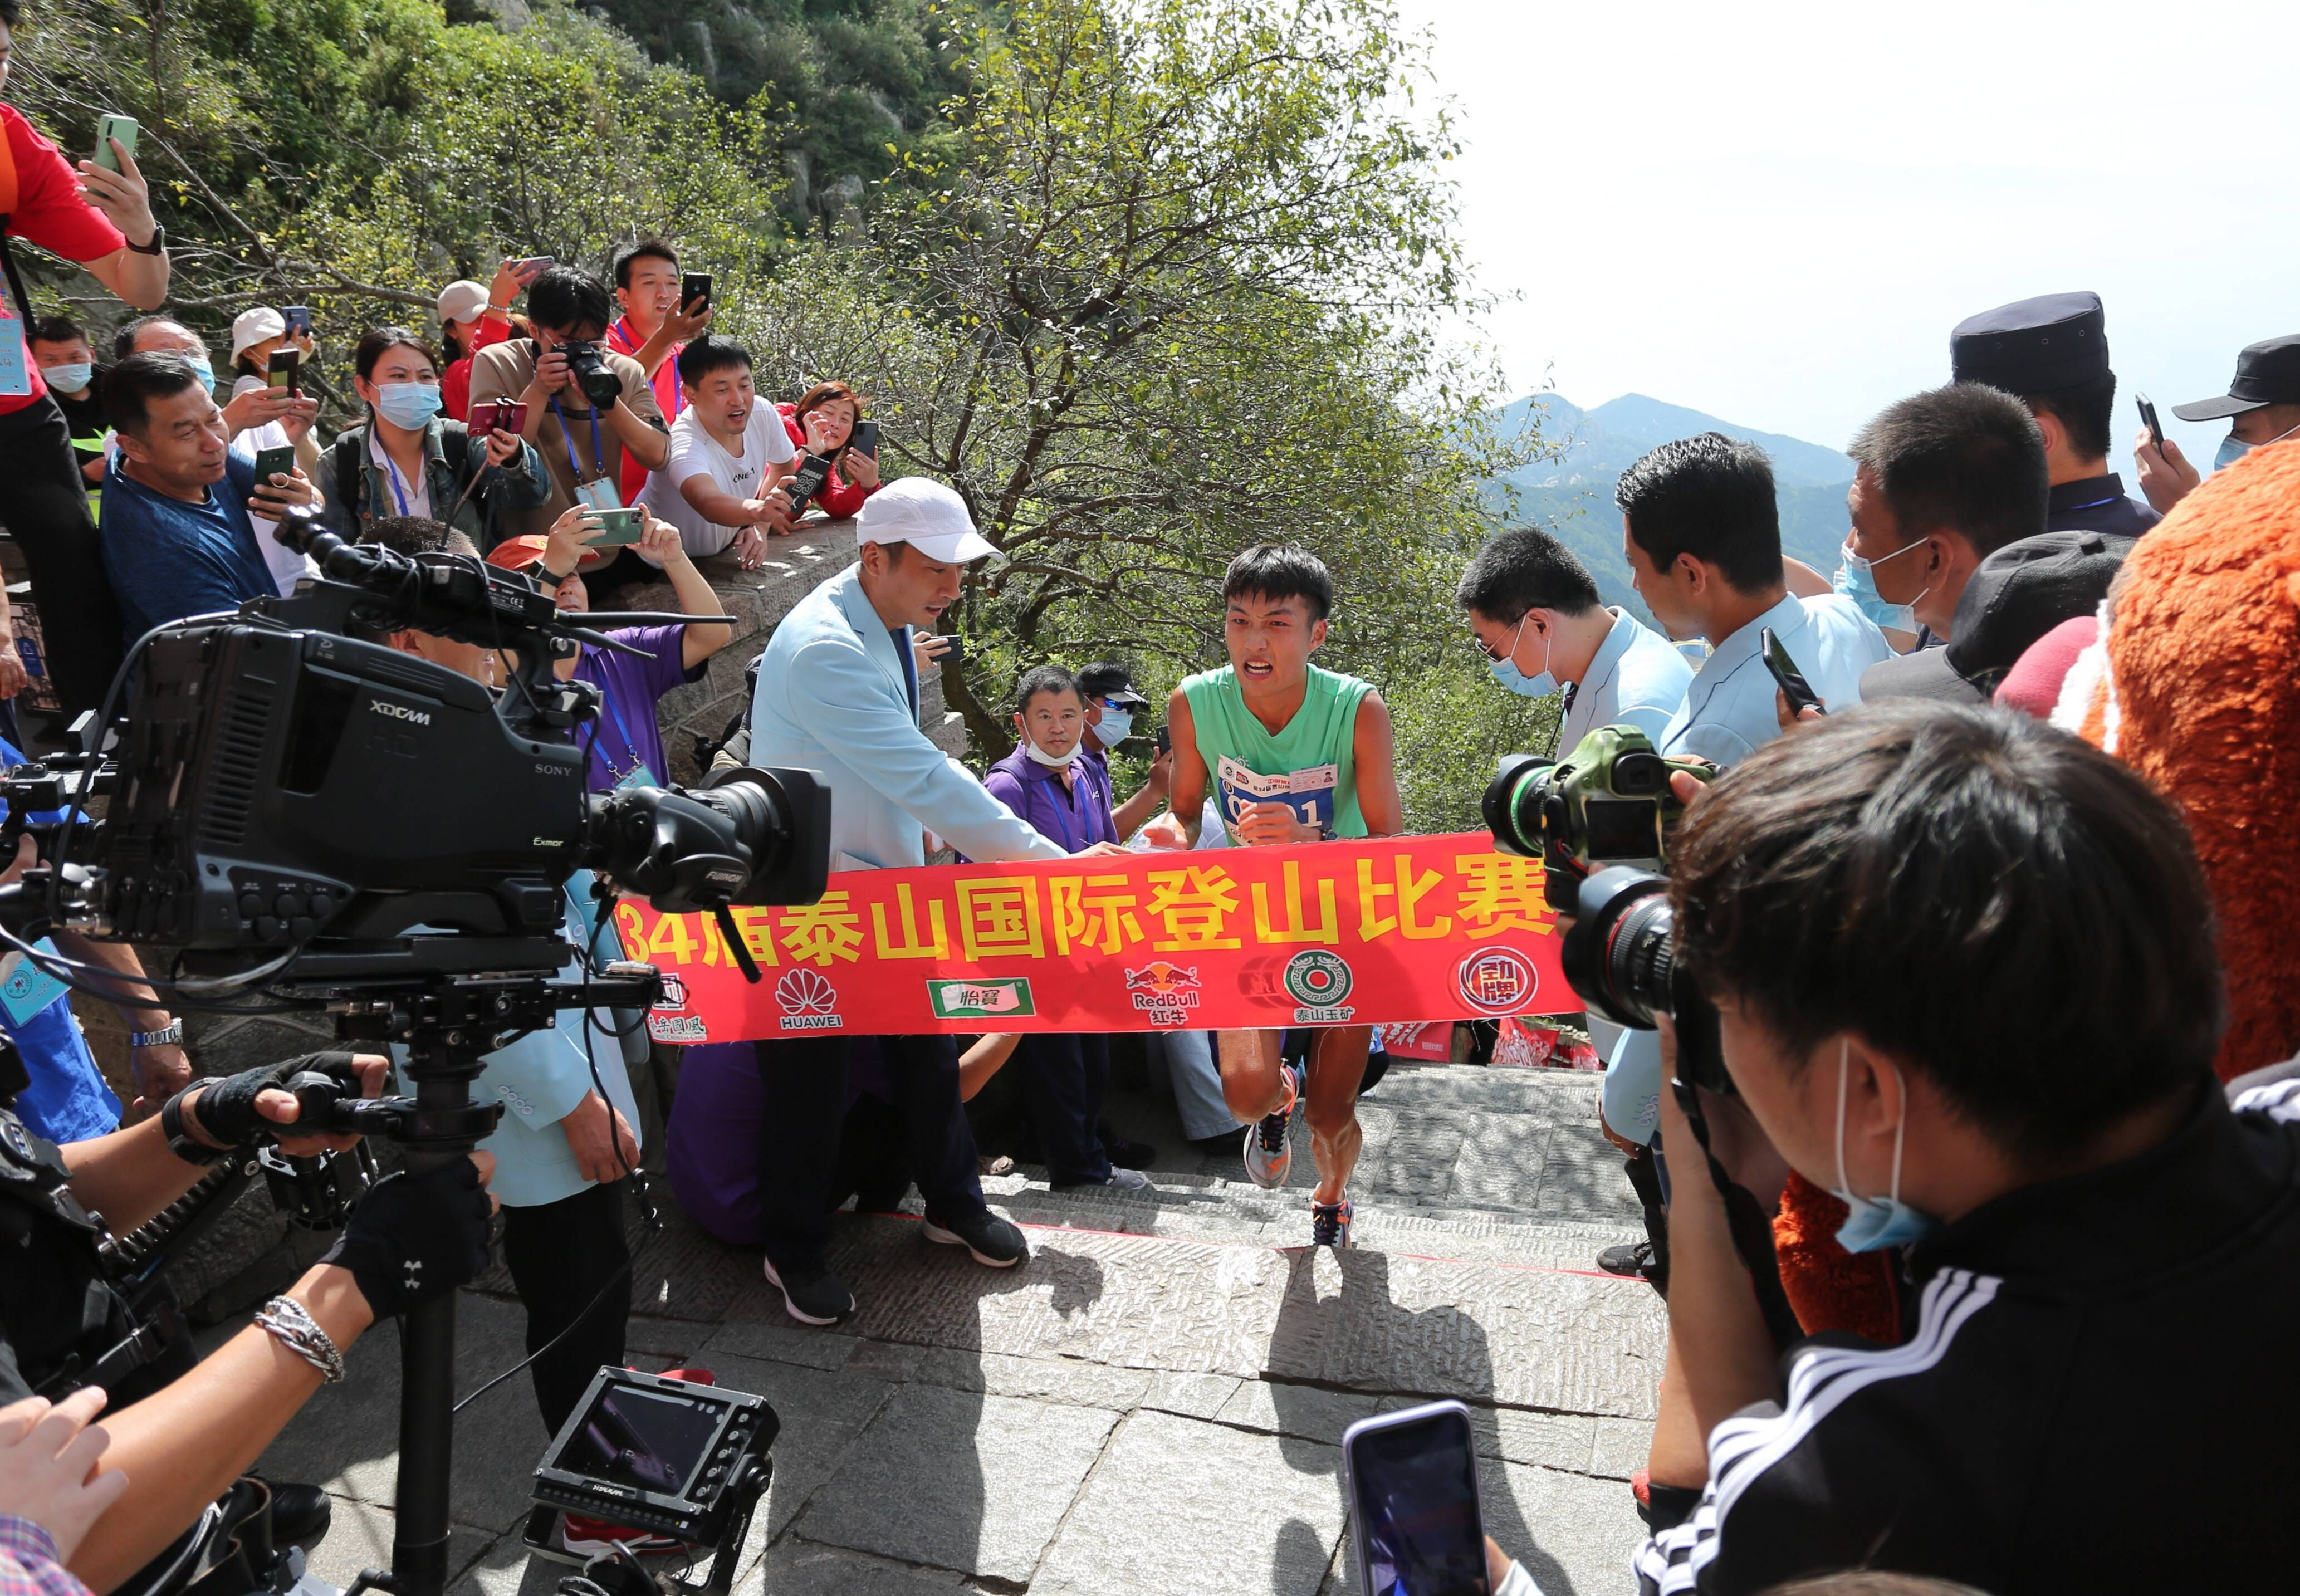 1小时2分18秒!济南小伙儿获得第34届泰山国际登山节男子组冠军